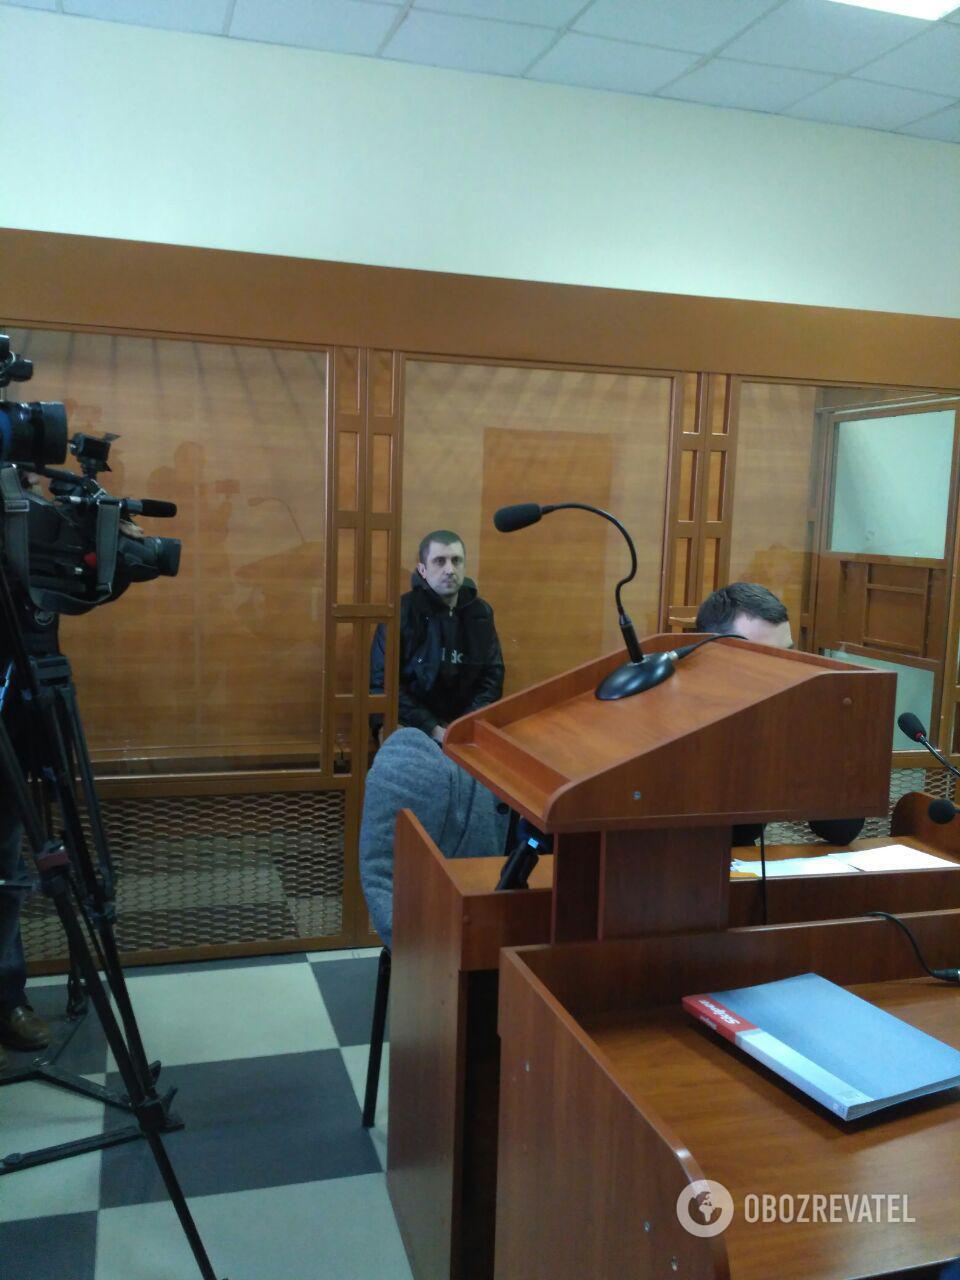 Резонансна ДТП під Києвом: суд виніс вердикт по Россошанському